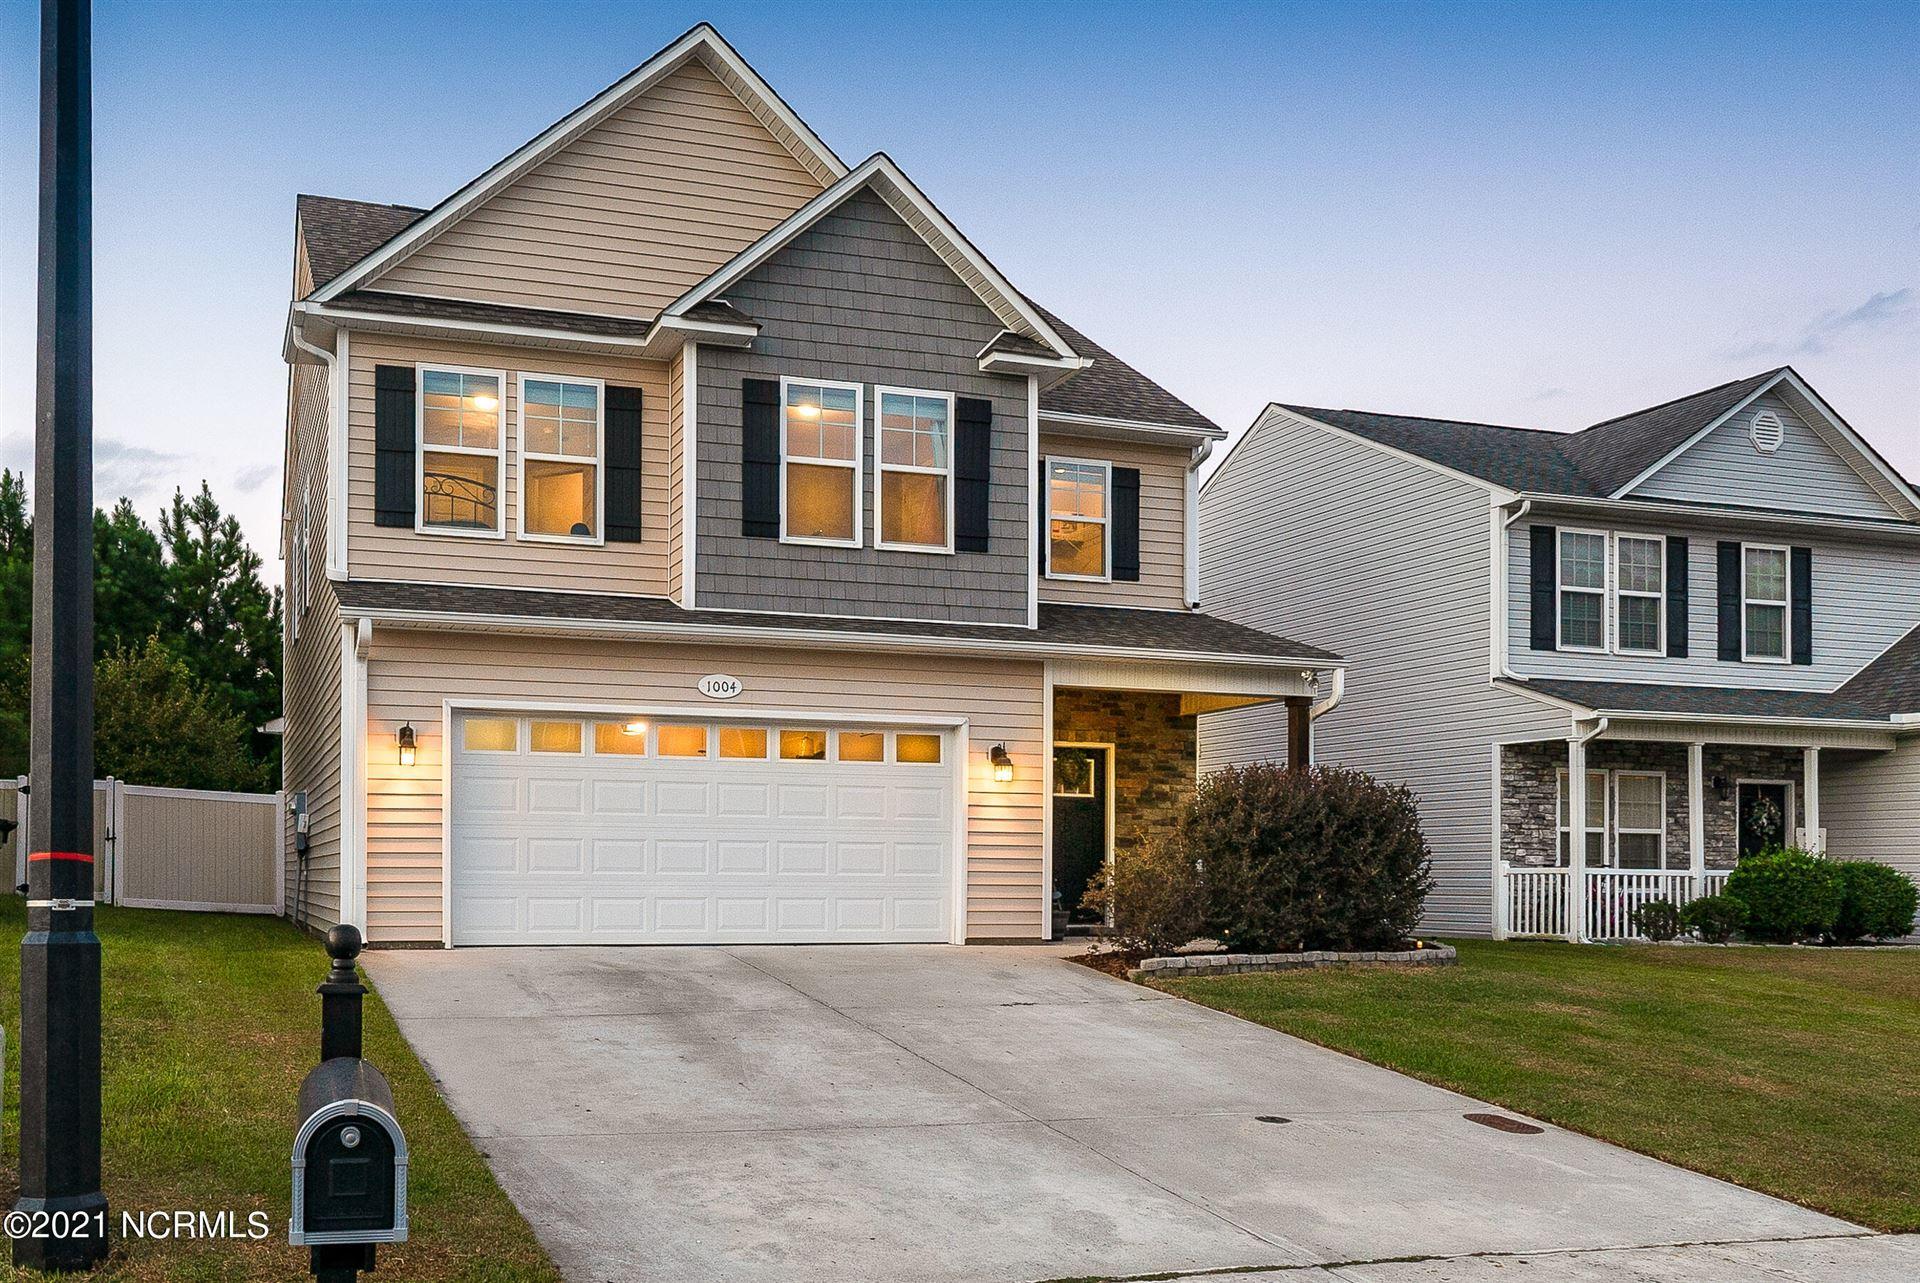 Photo of 1004 Jade Lane, Winterville, NC 28590 (MLS # 100290042)